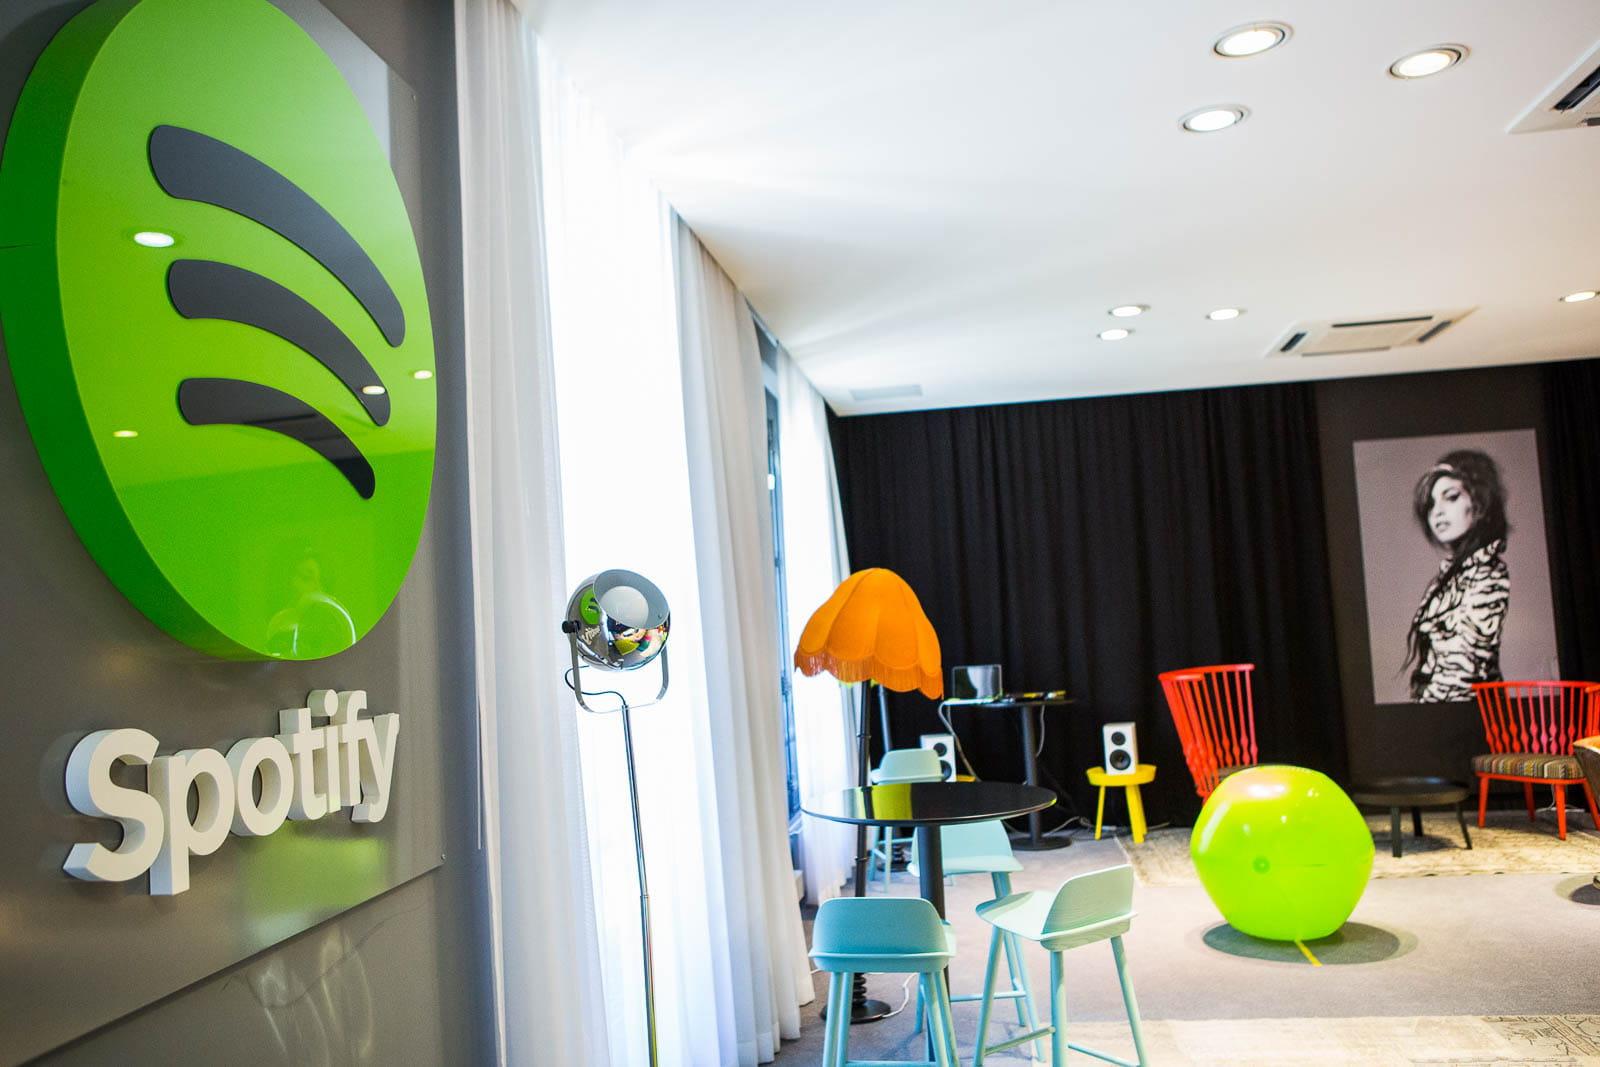 d couvrez les nouveaux locaux de spotify ambiance su doise au coeur de paris jdn. Black Bedroom Furniture Sets. Home Design Ideas